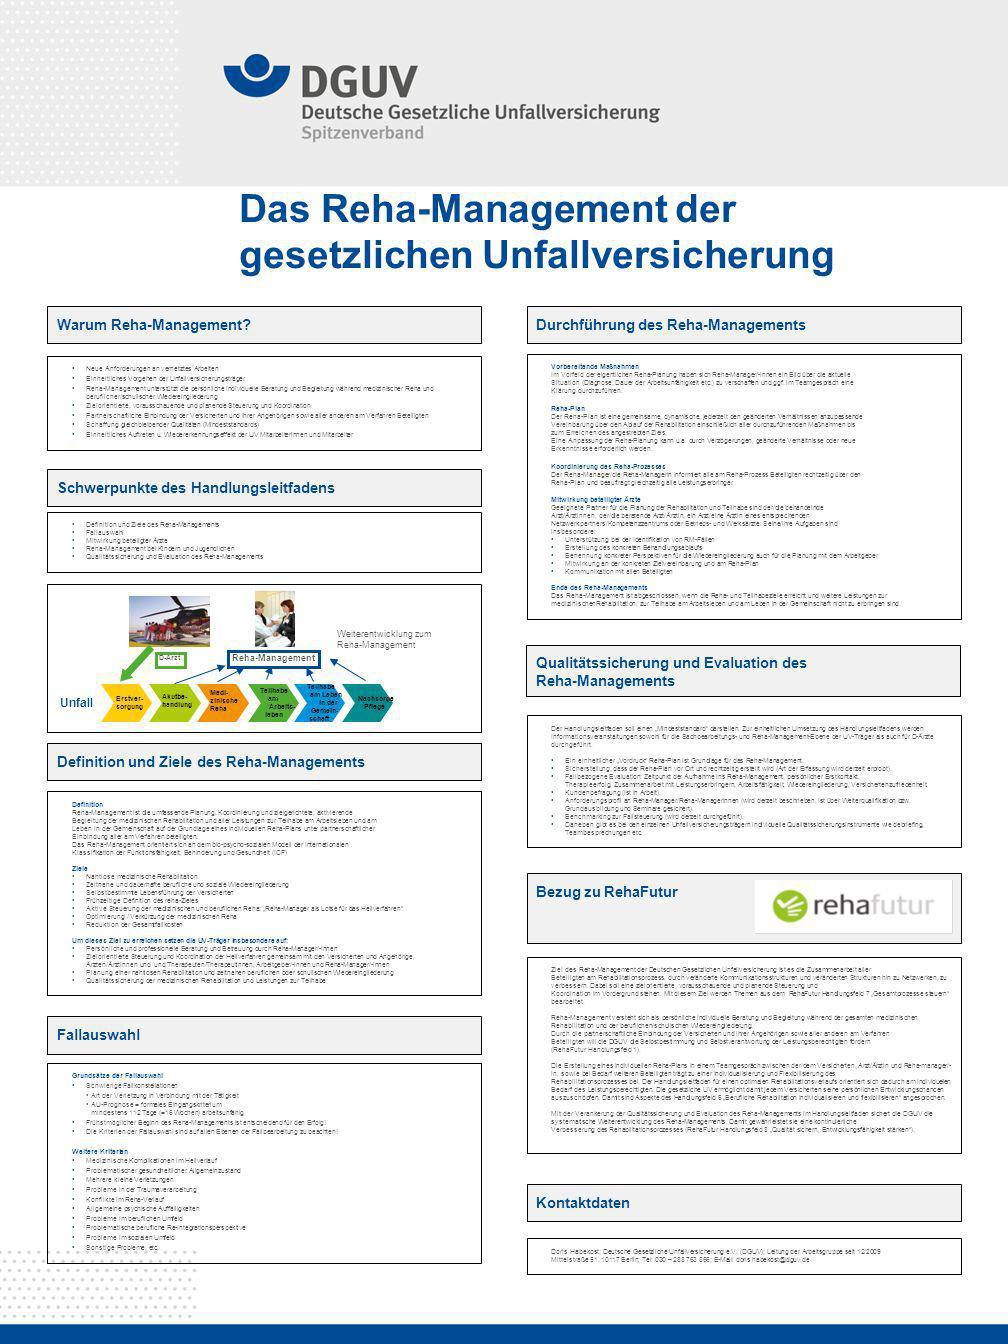 Das Reha-Management der gesetzlichen Unfallversicherung Definition Reha-Management ist die umfassende Planung, Koordinierung und zielgerichtete, aktiv